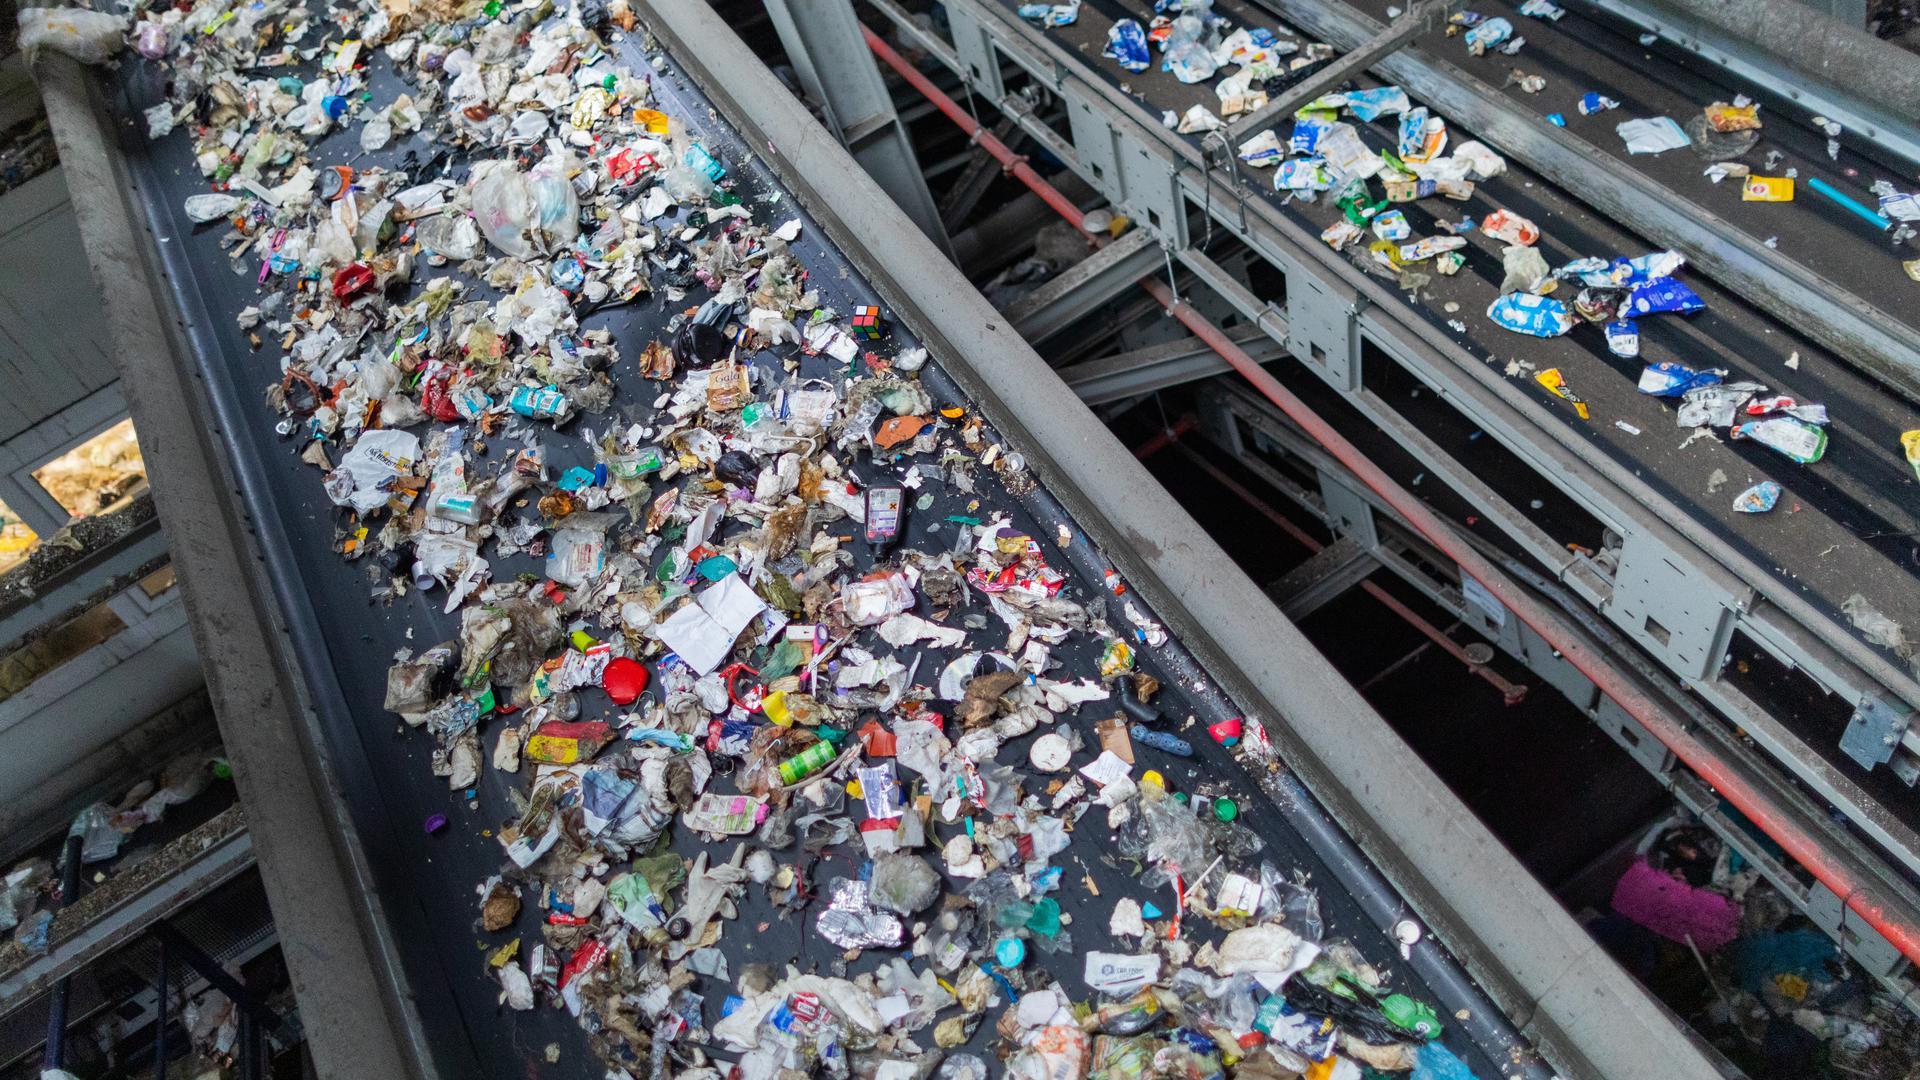 Verschiedene Verpackungsabfälle (PET, PE, PP, PS) werden in einer Sortieranlage des Entsorgungsunternehmens Remondis getrennt. (zu dpa «30 Jahre Mülltrennung - Entsorger fordern bessere Plastikverpackungen» vom 09.06.2021) +++ dpa-Bildfunk +++